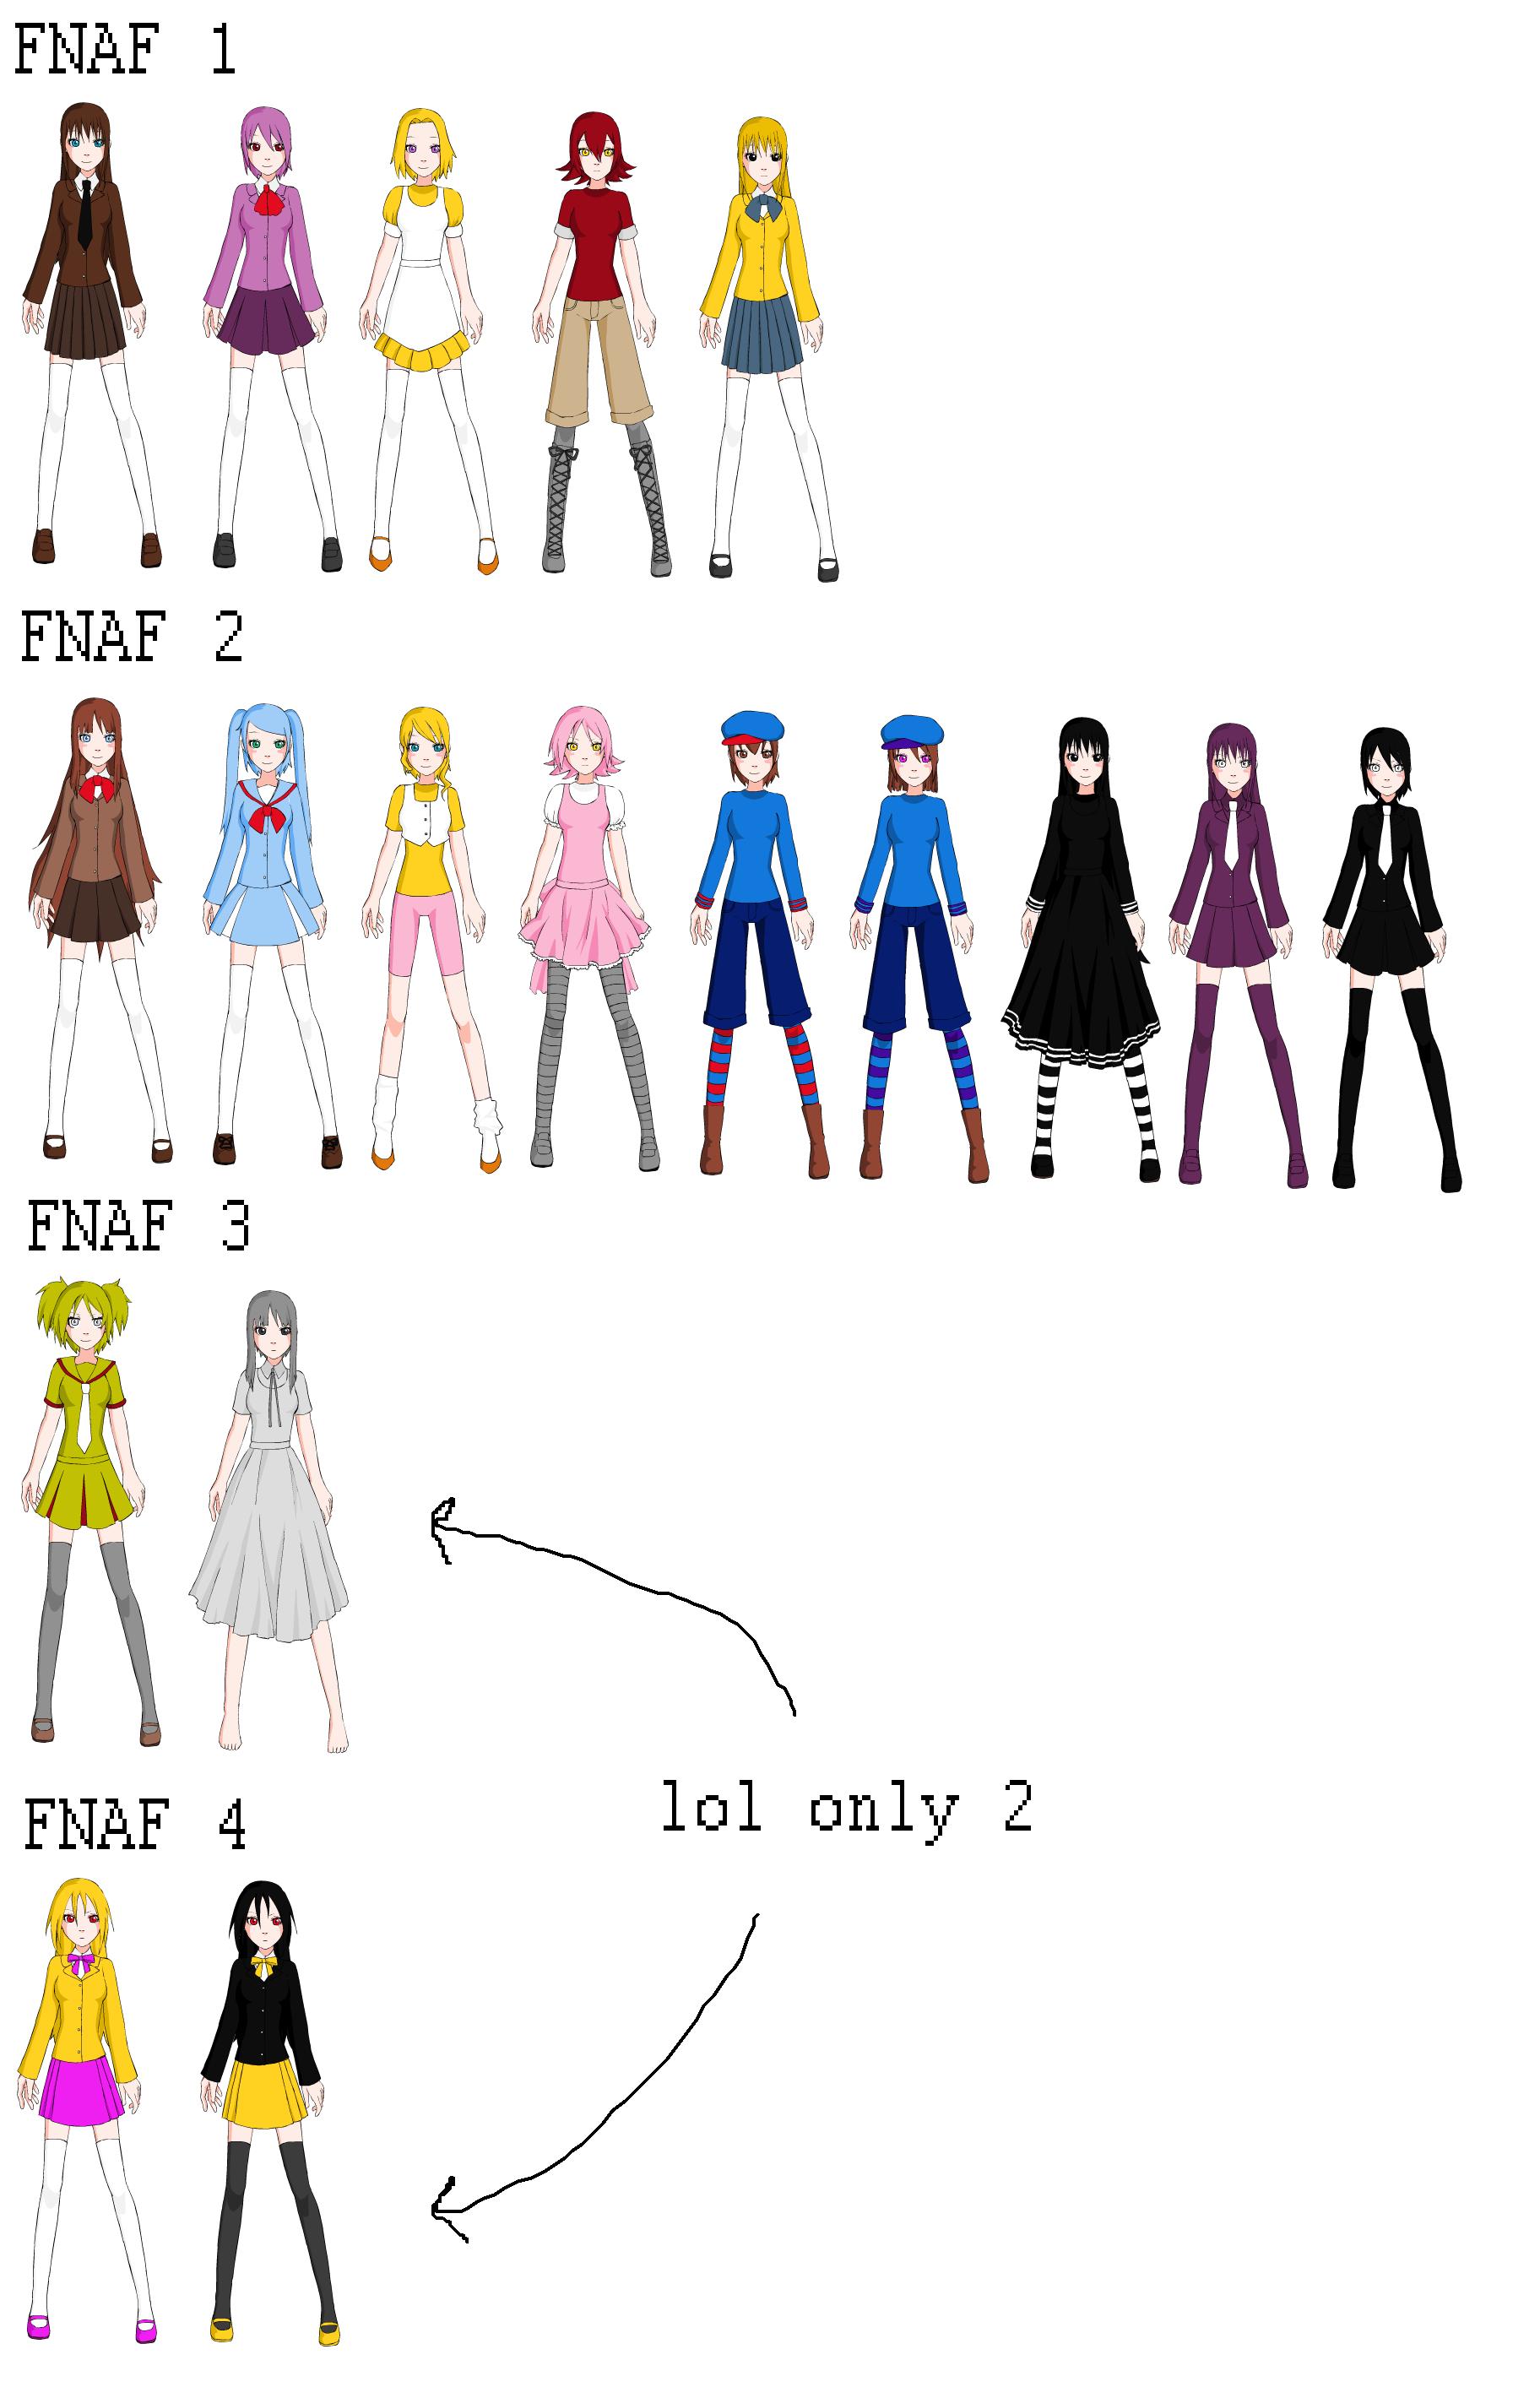 Fnaf dress up game - Fnaf With School Girl Dress Up V2 By Sakurakasai666